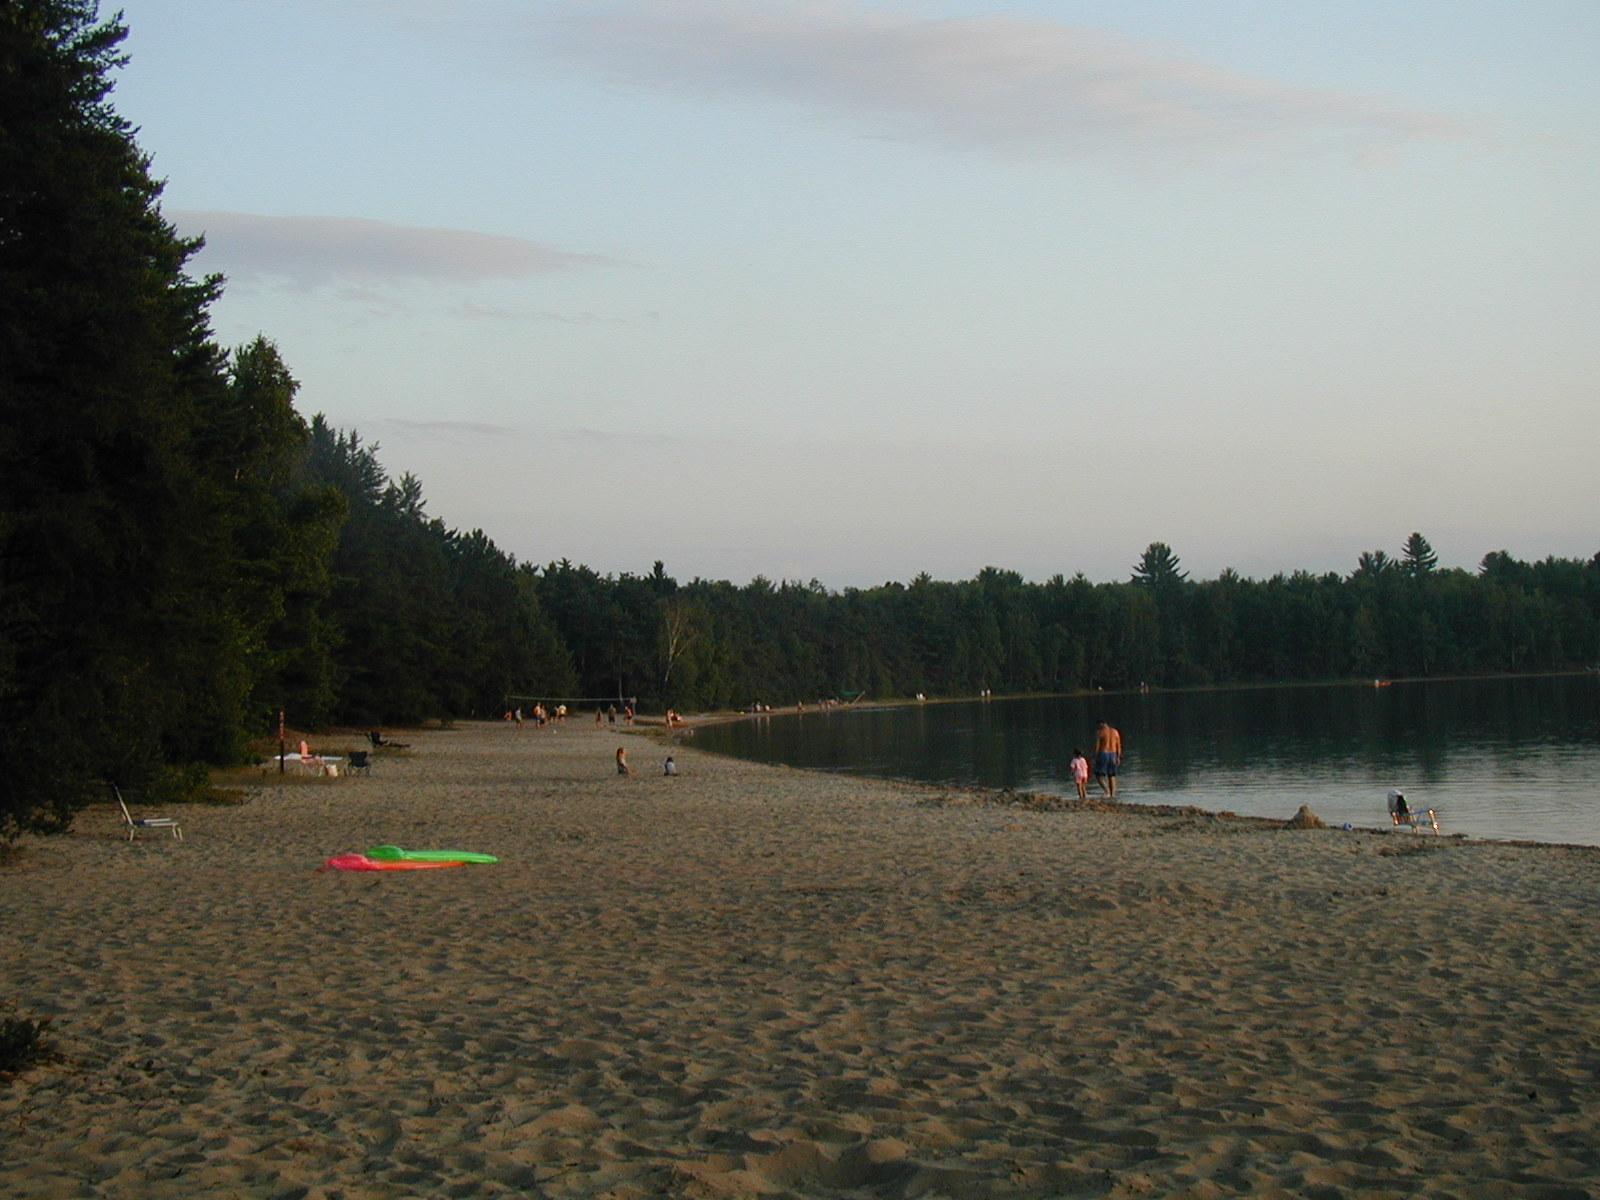 North Beach Camp Resort St Augustine Fl  Ef Bf Bdtats Unis